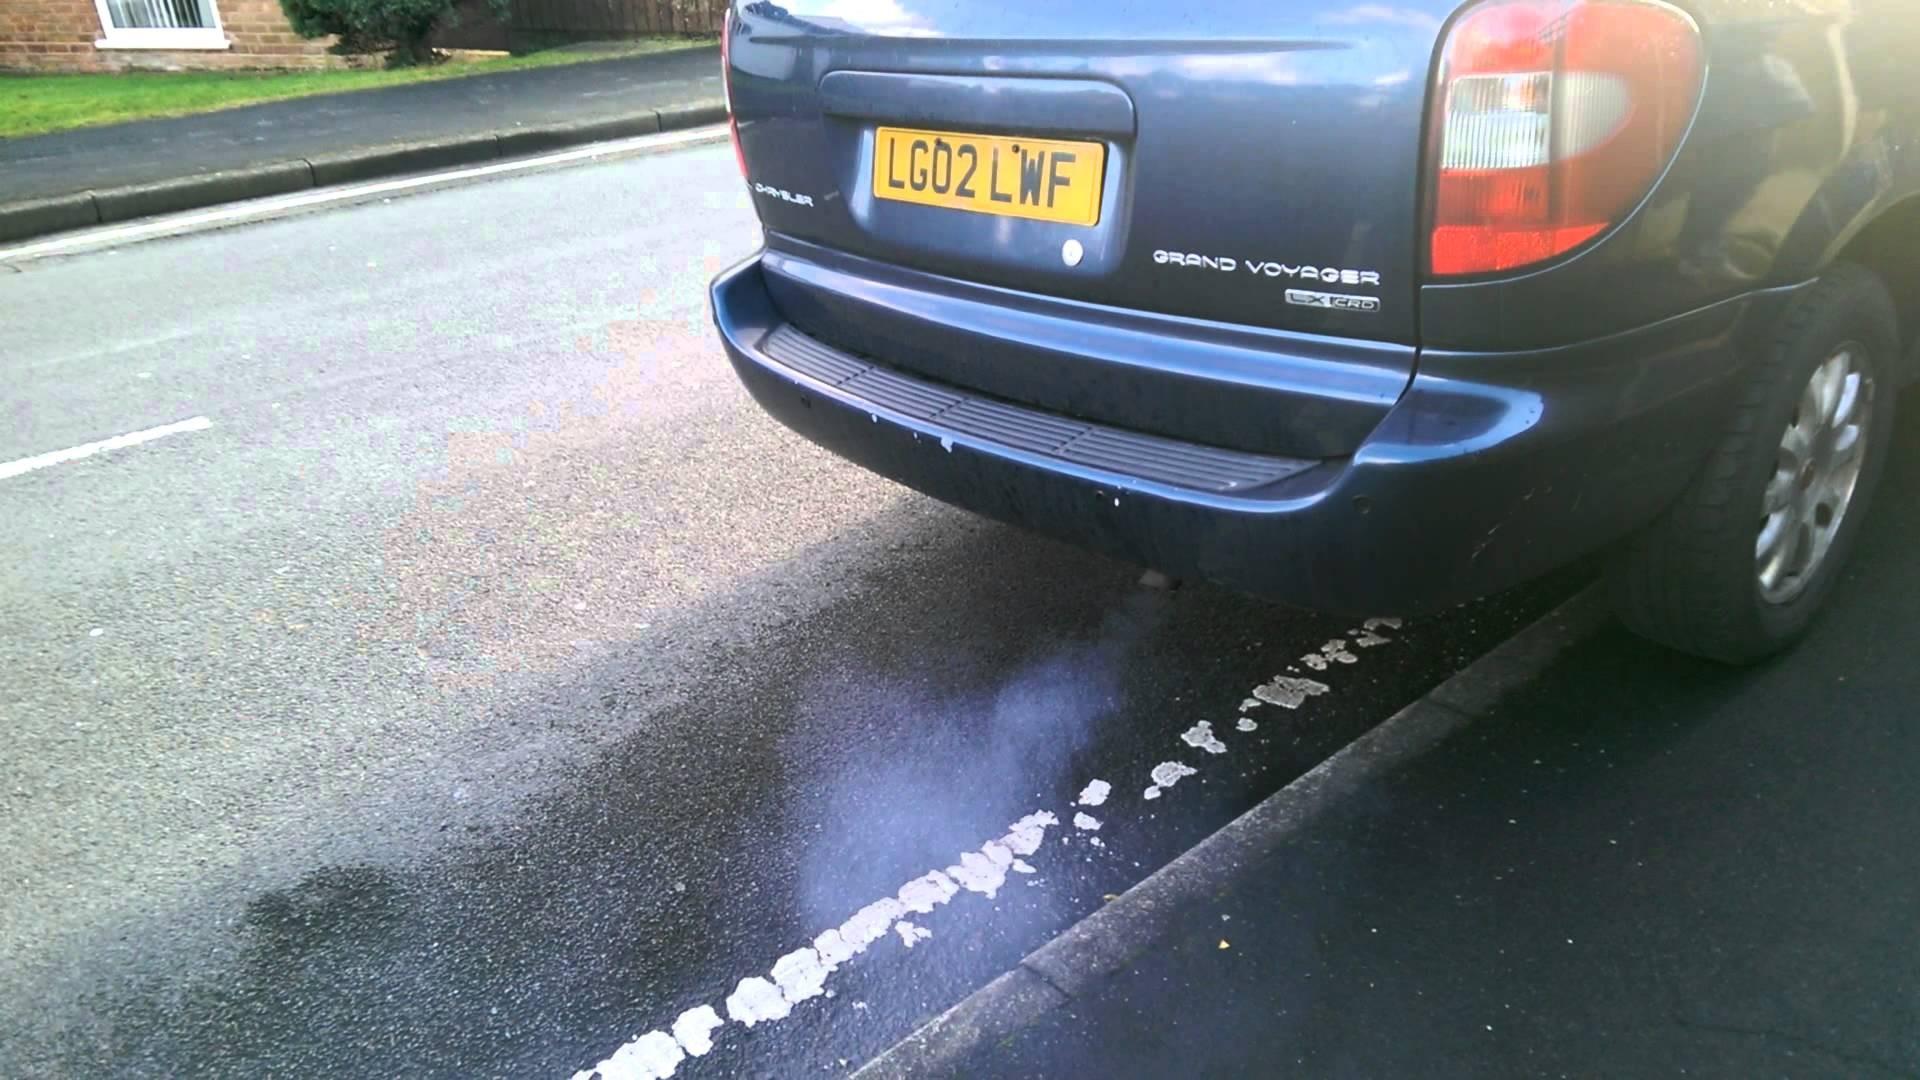 Эксперты всфере авто: Цвет выхлопных газов несомненно поможет шоферу определить неполадку автомобиля